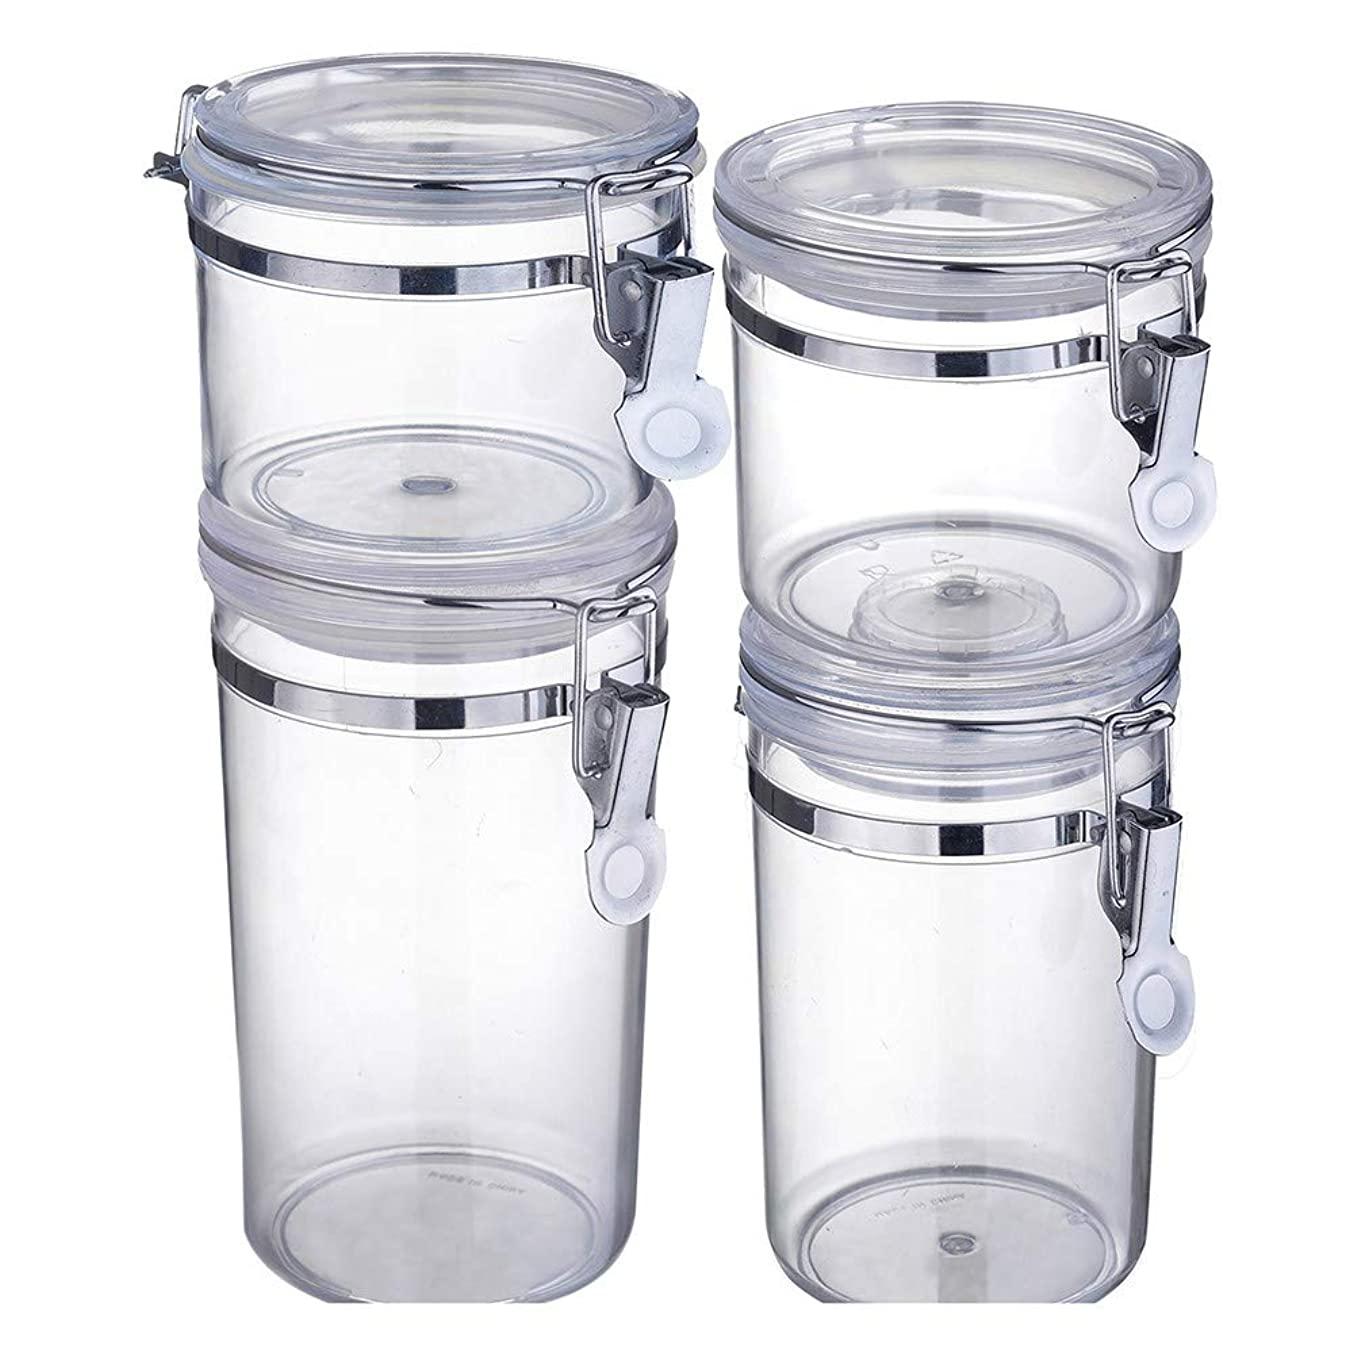 差し引くである学習者4ピースストレージタンク透明プラスチック密閉タンクキッチン穀物湿気プルーフフレッシュ保持タンク400 ml 550 ml 750 ml 950 ml